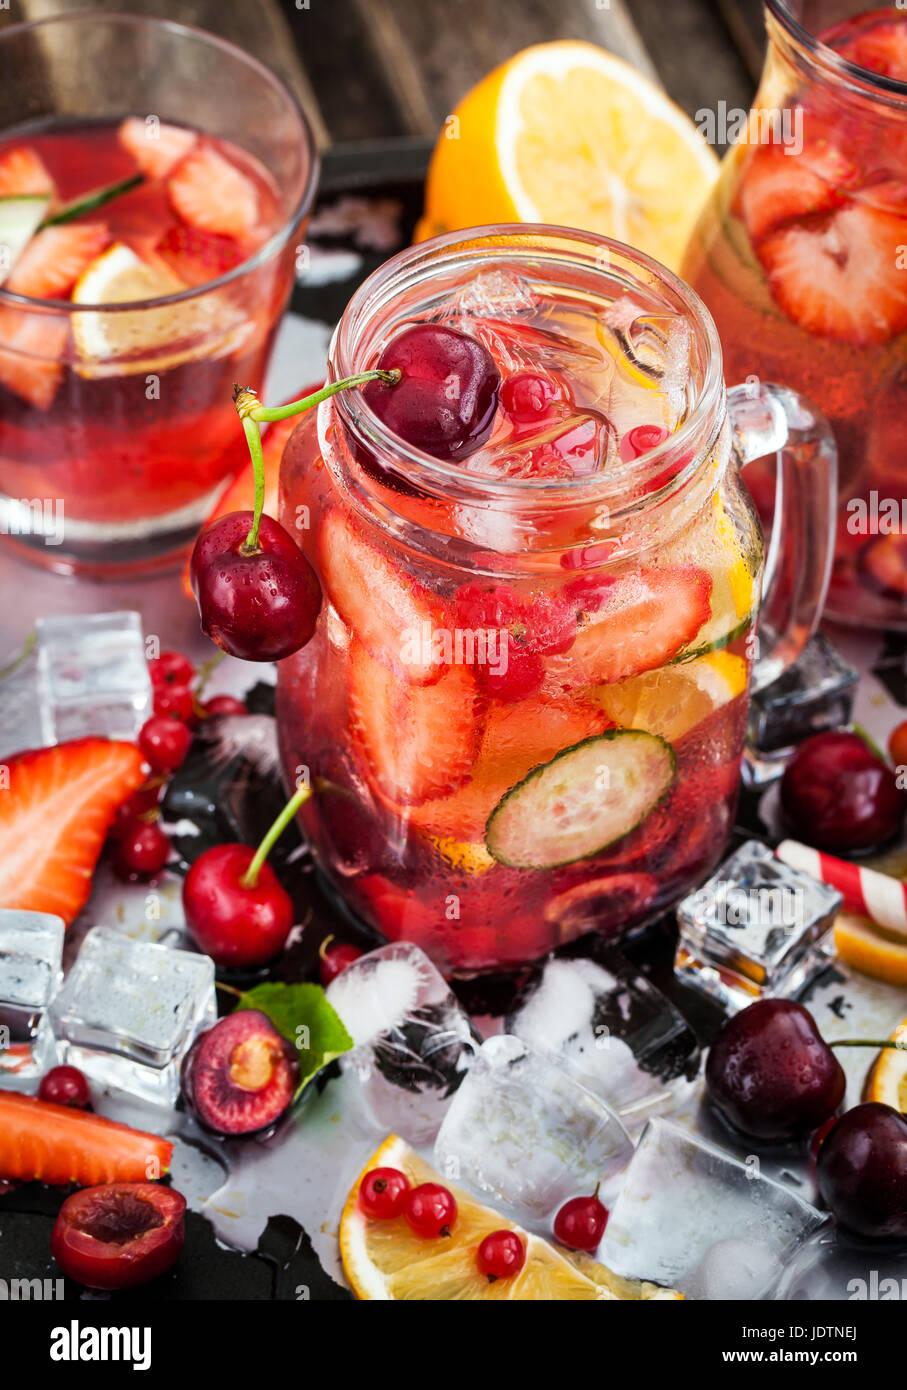 Gesunden infundiert Detox Wasser mit frischen Beeren und Früchte im Einmachglas Stockfoto